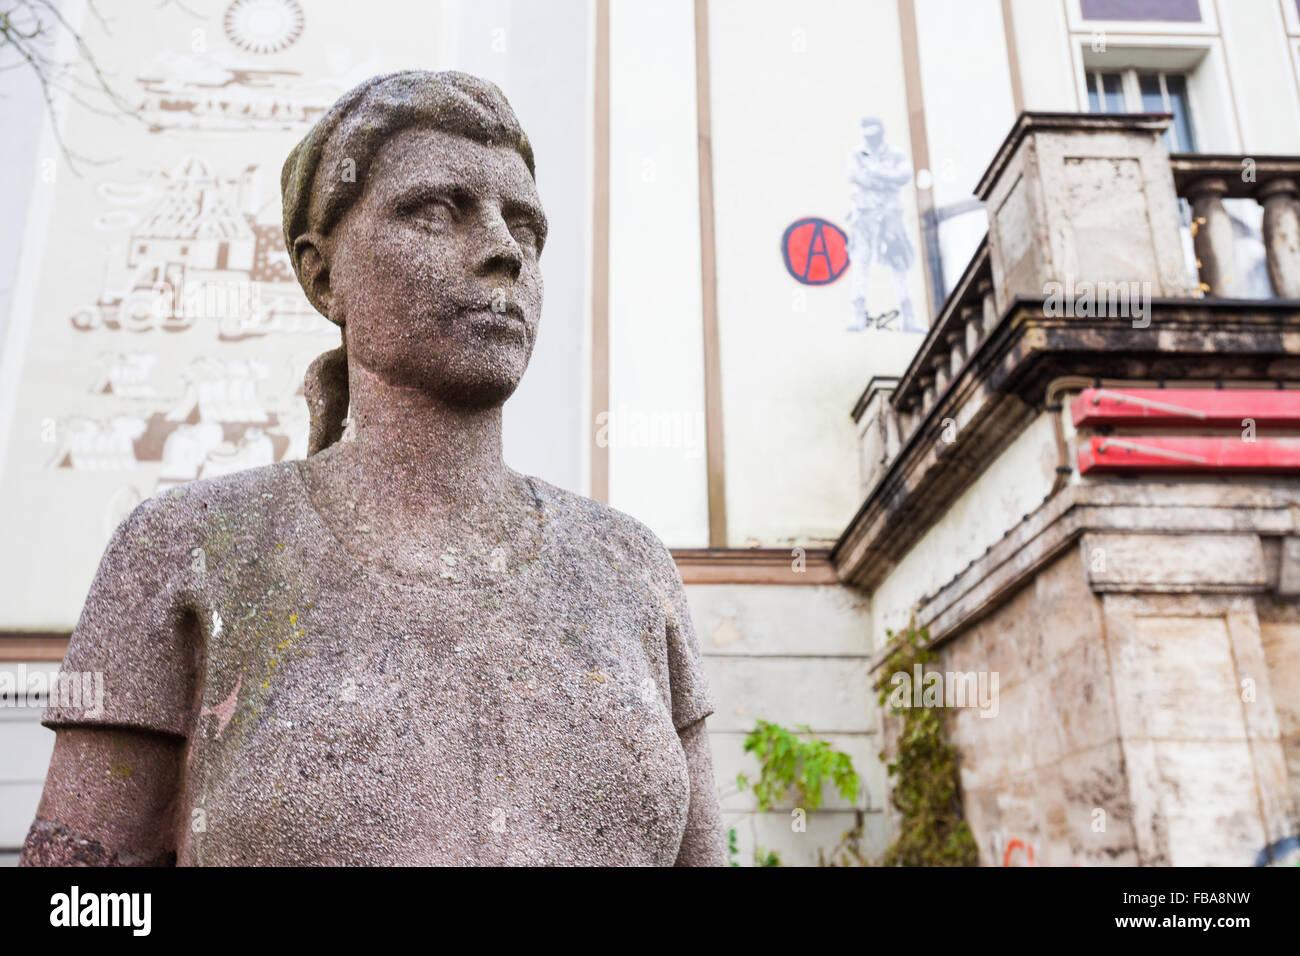 Truemmerfrau statue by Edmund Neutert, Lichtspieltheater der Jugend, Frankfurt Oder Stock Photo